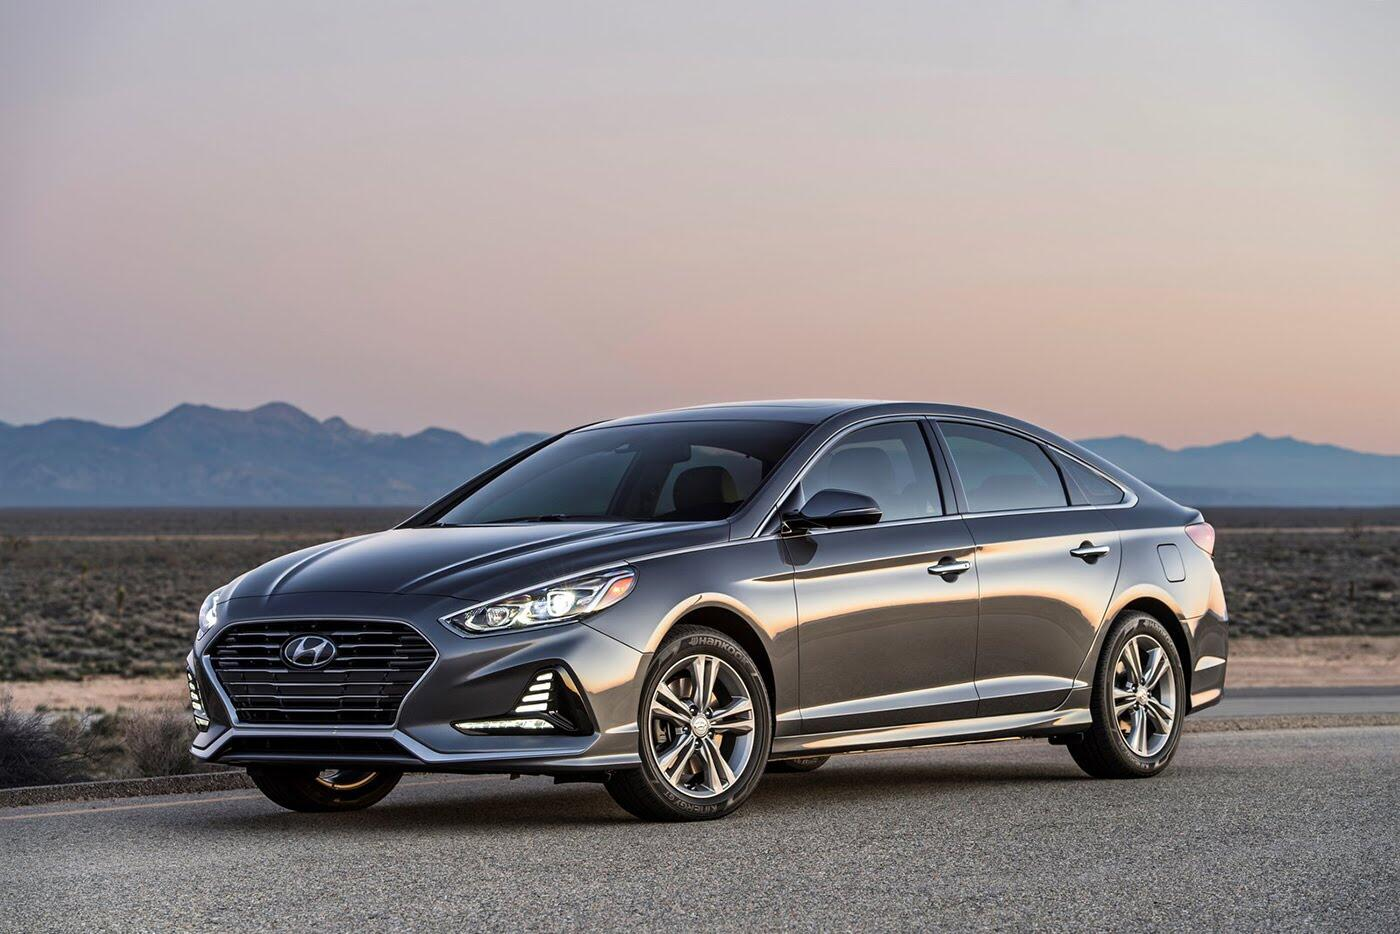 Hyundai Sonata 2018 lên kệ với giá bán từ 22.050 USD - Hình 2